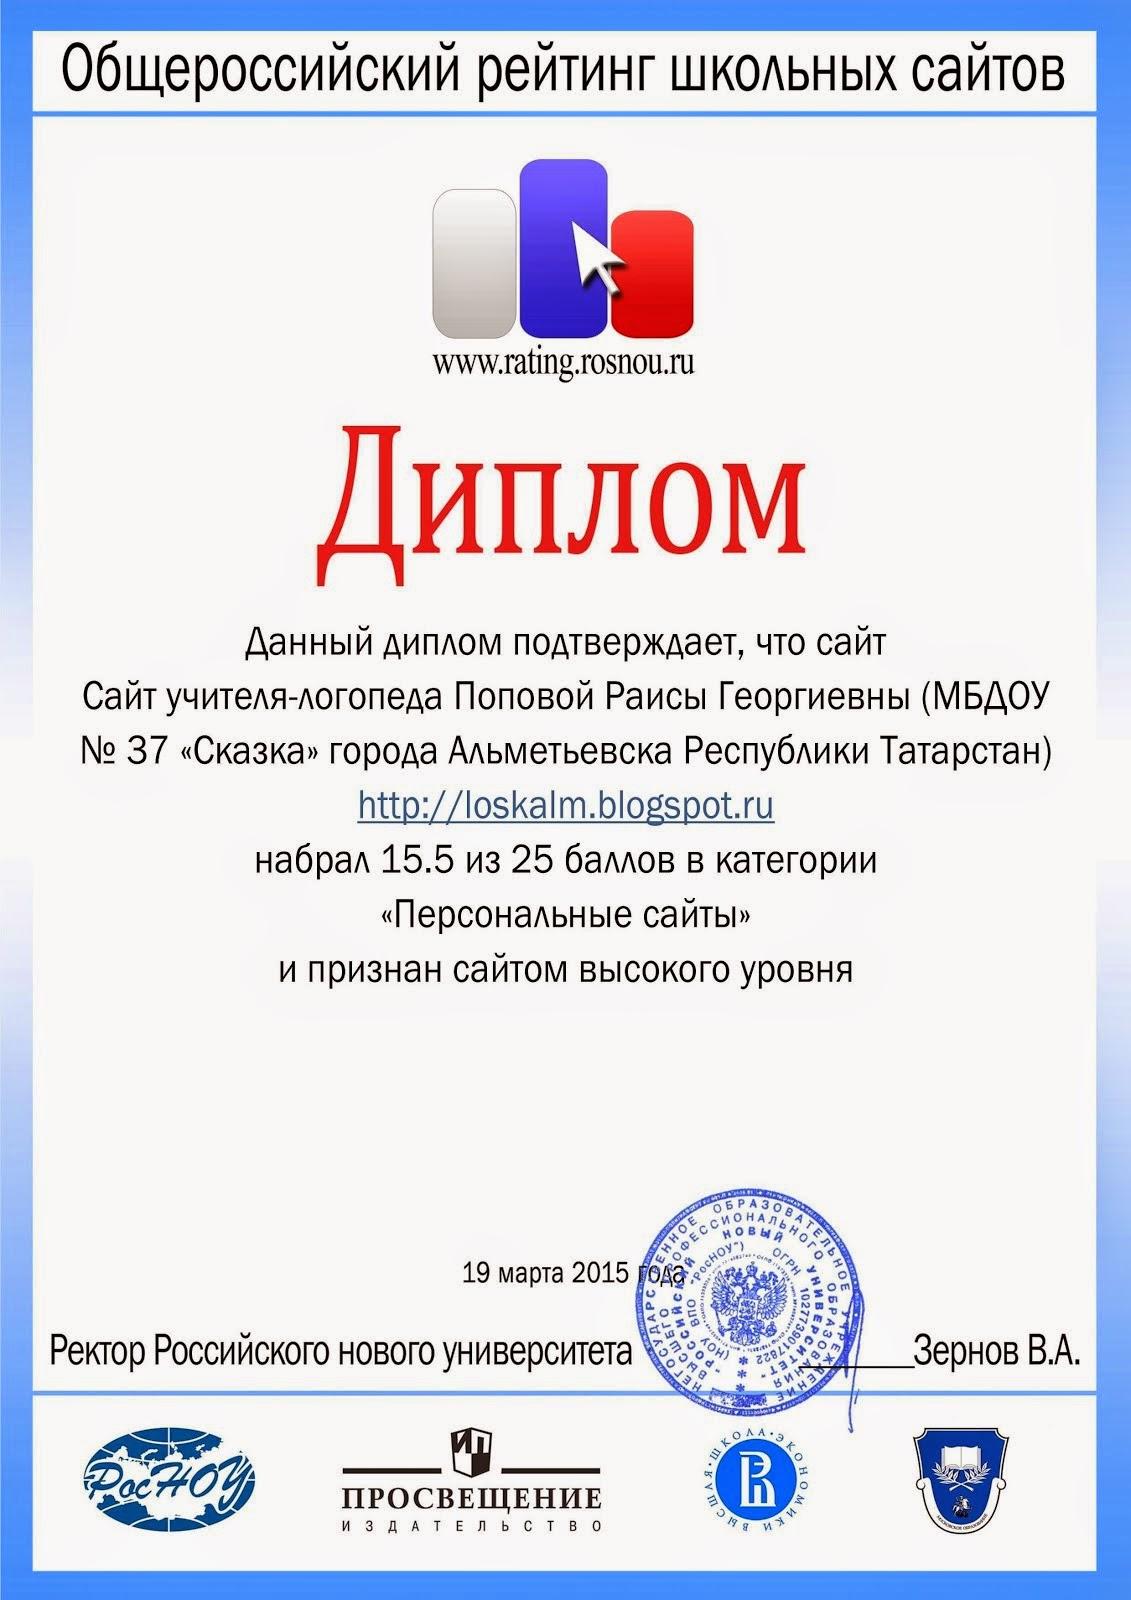 Диплом Общероссийского рейтинга школьных сайтов. Признан сайтом высокого уровня